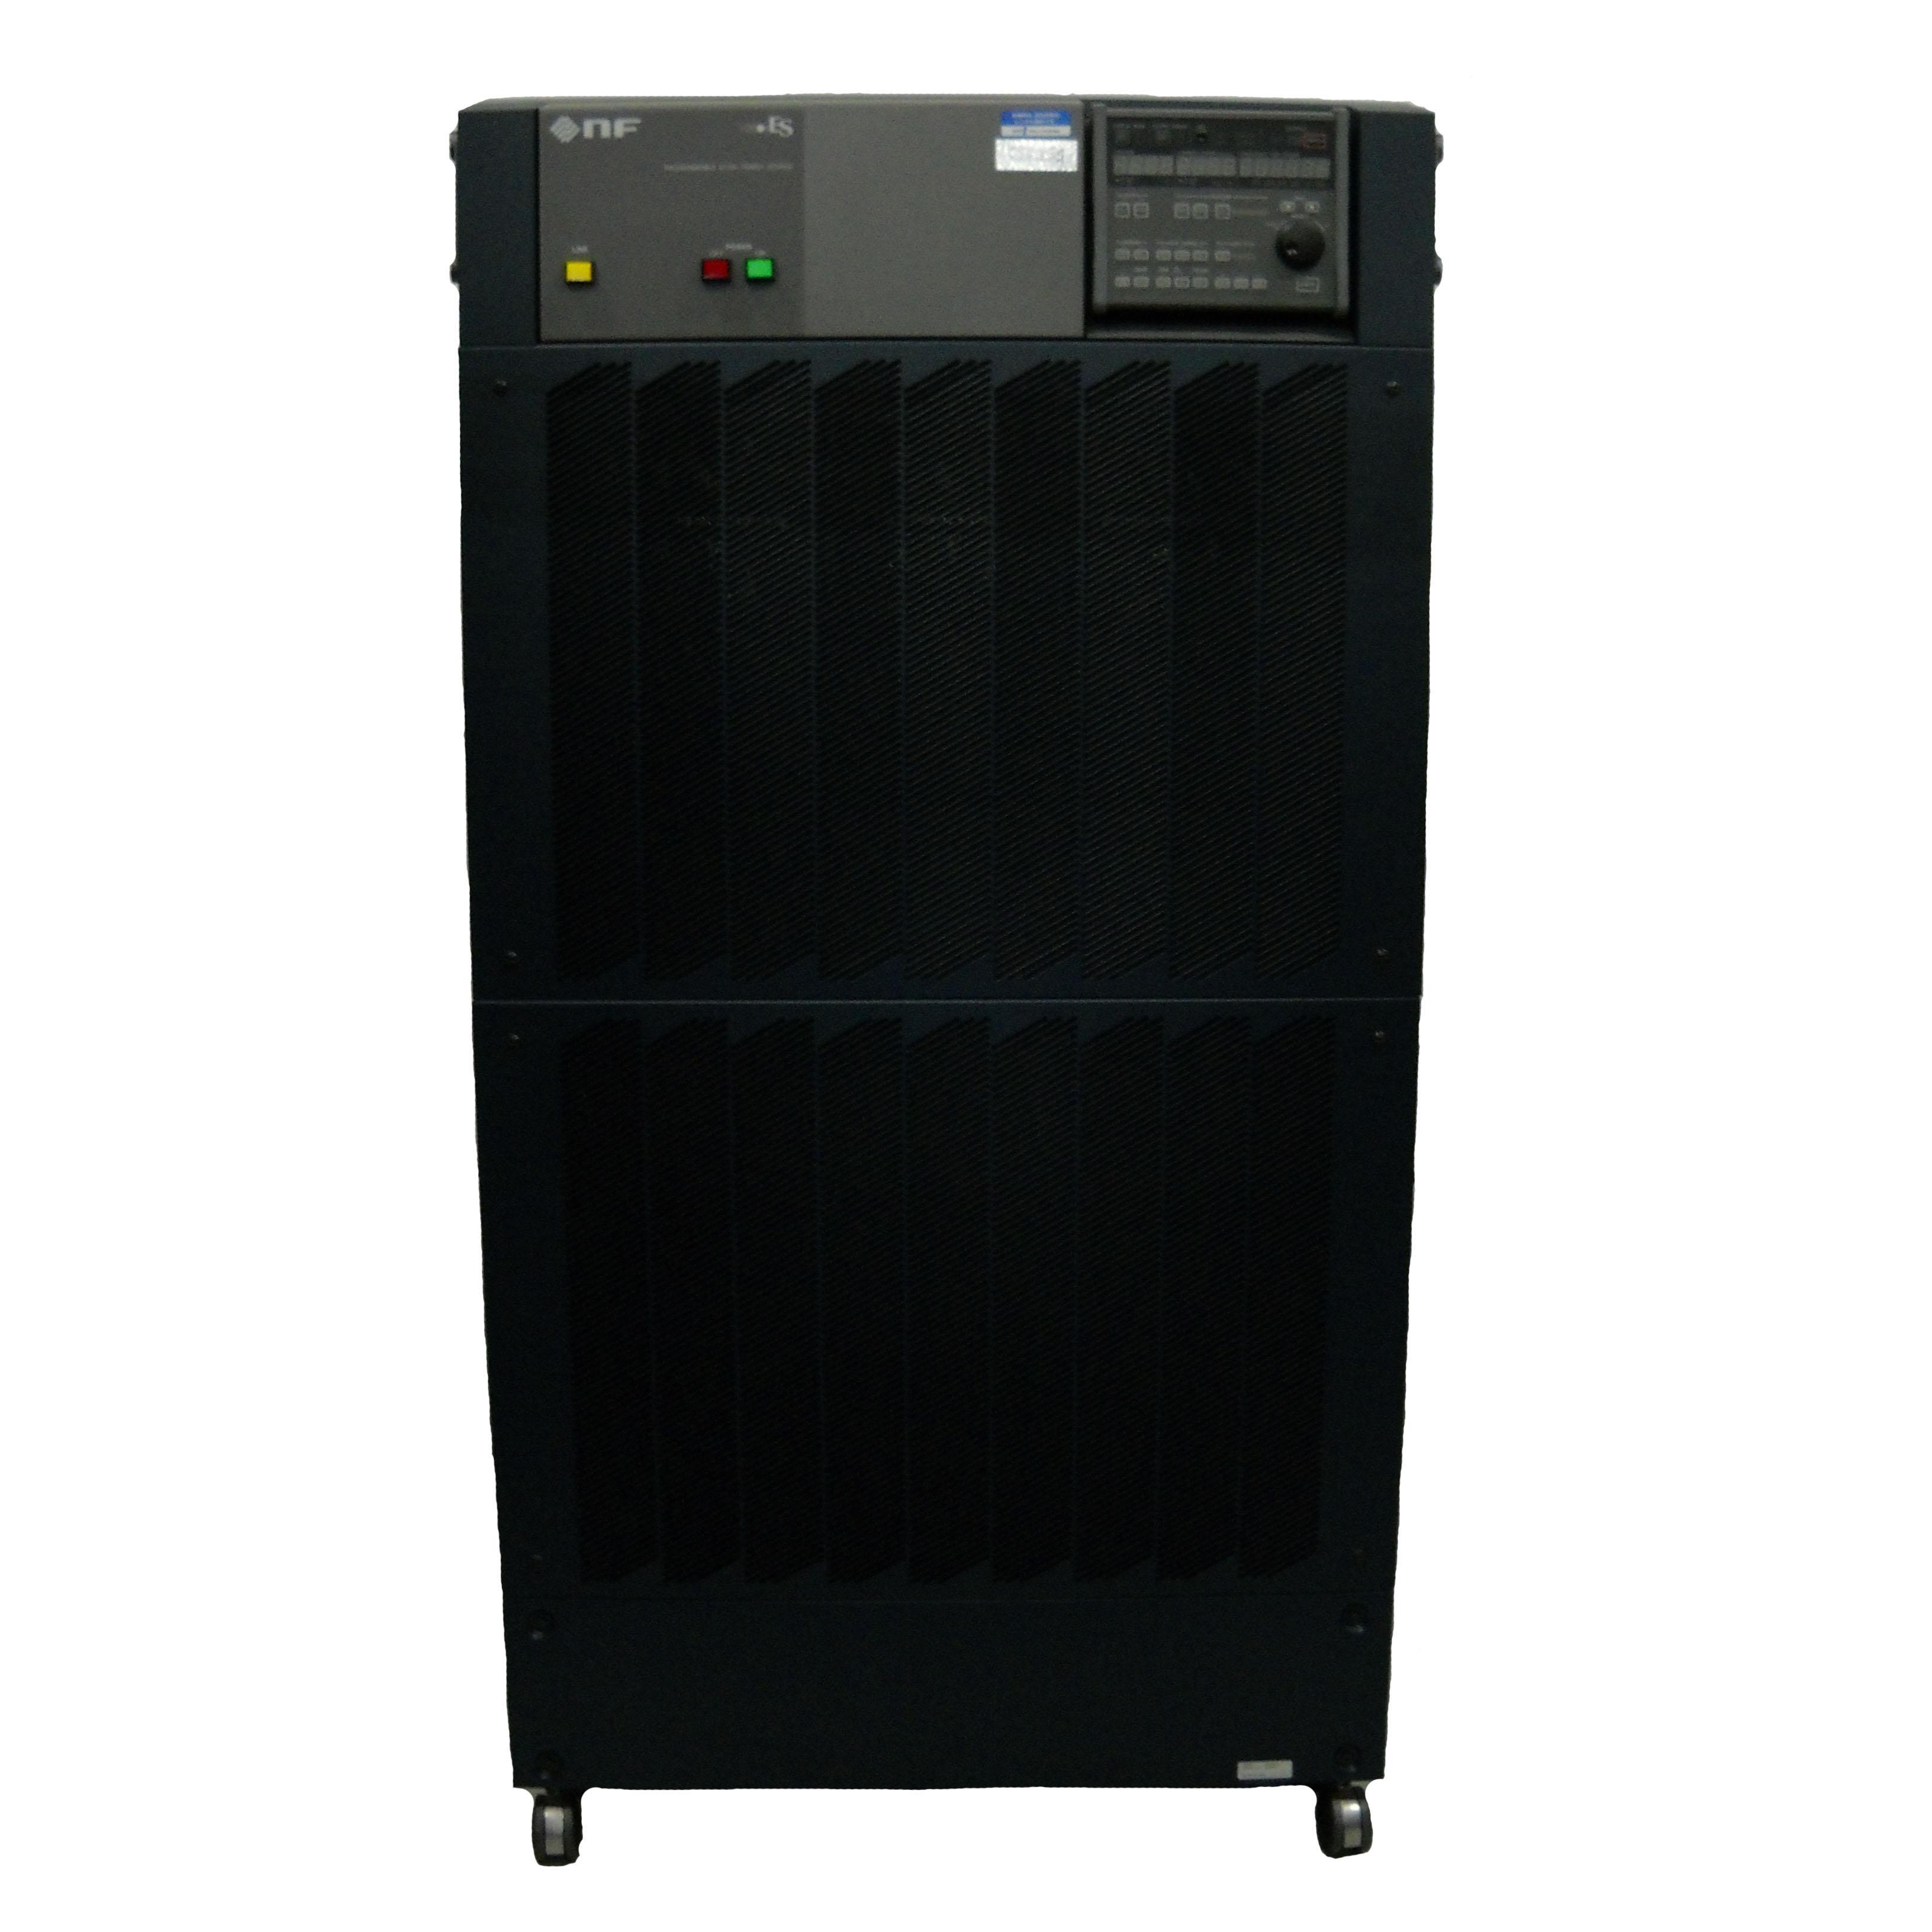 ES12000(タンソウ3センシュツリョク,サンソウ200Vニュウリョク) 高効率システム電源